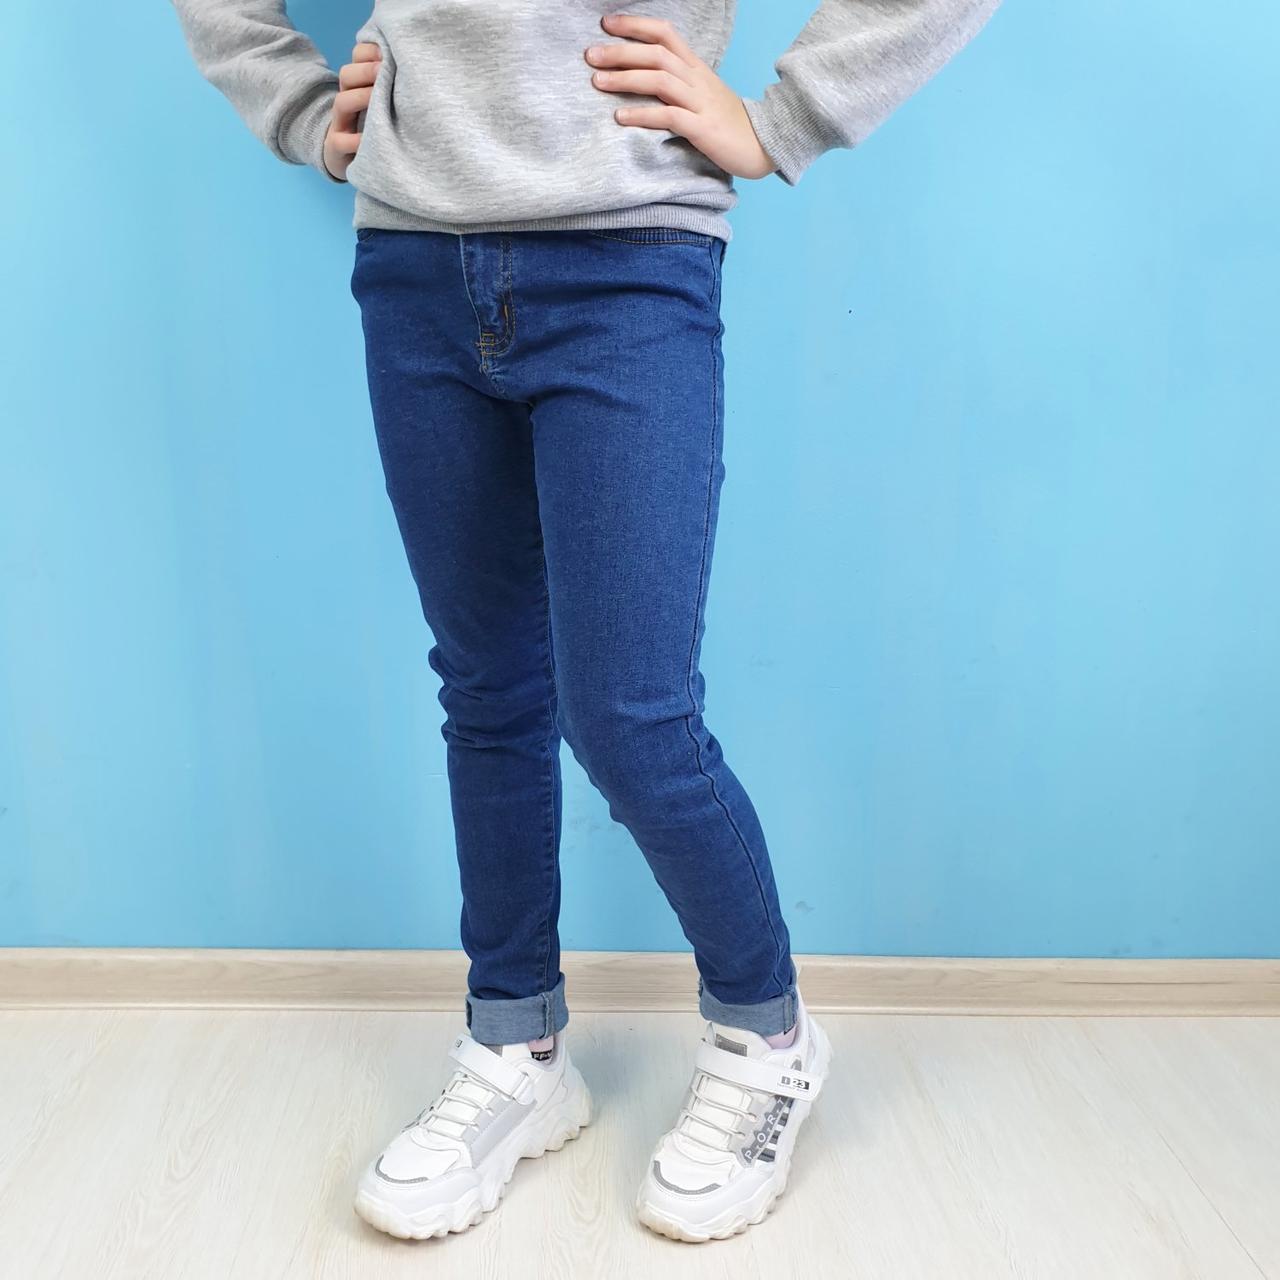 Светлые джинсы для девочки с высокой посадкой тм Cool Finish размер 11,12,13,14,15 лет